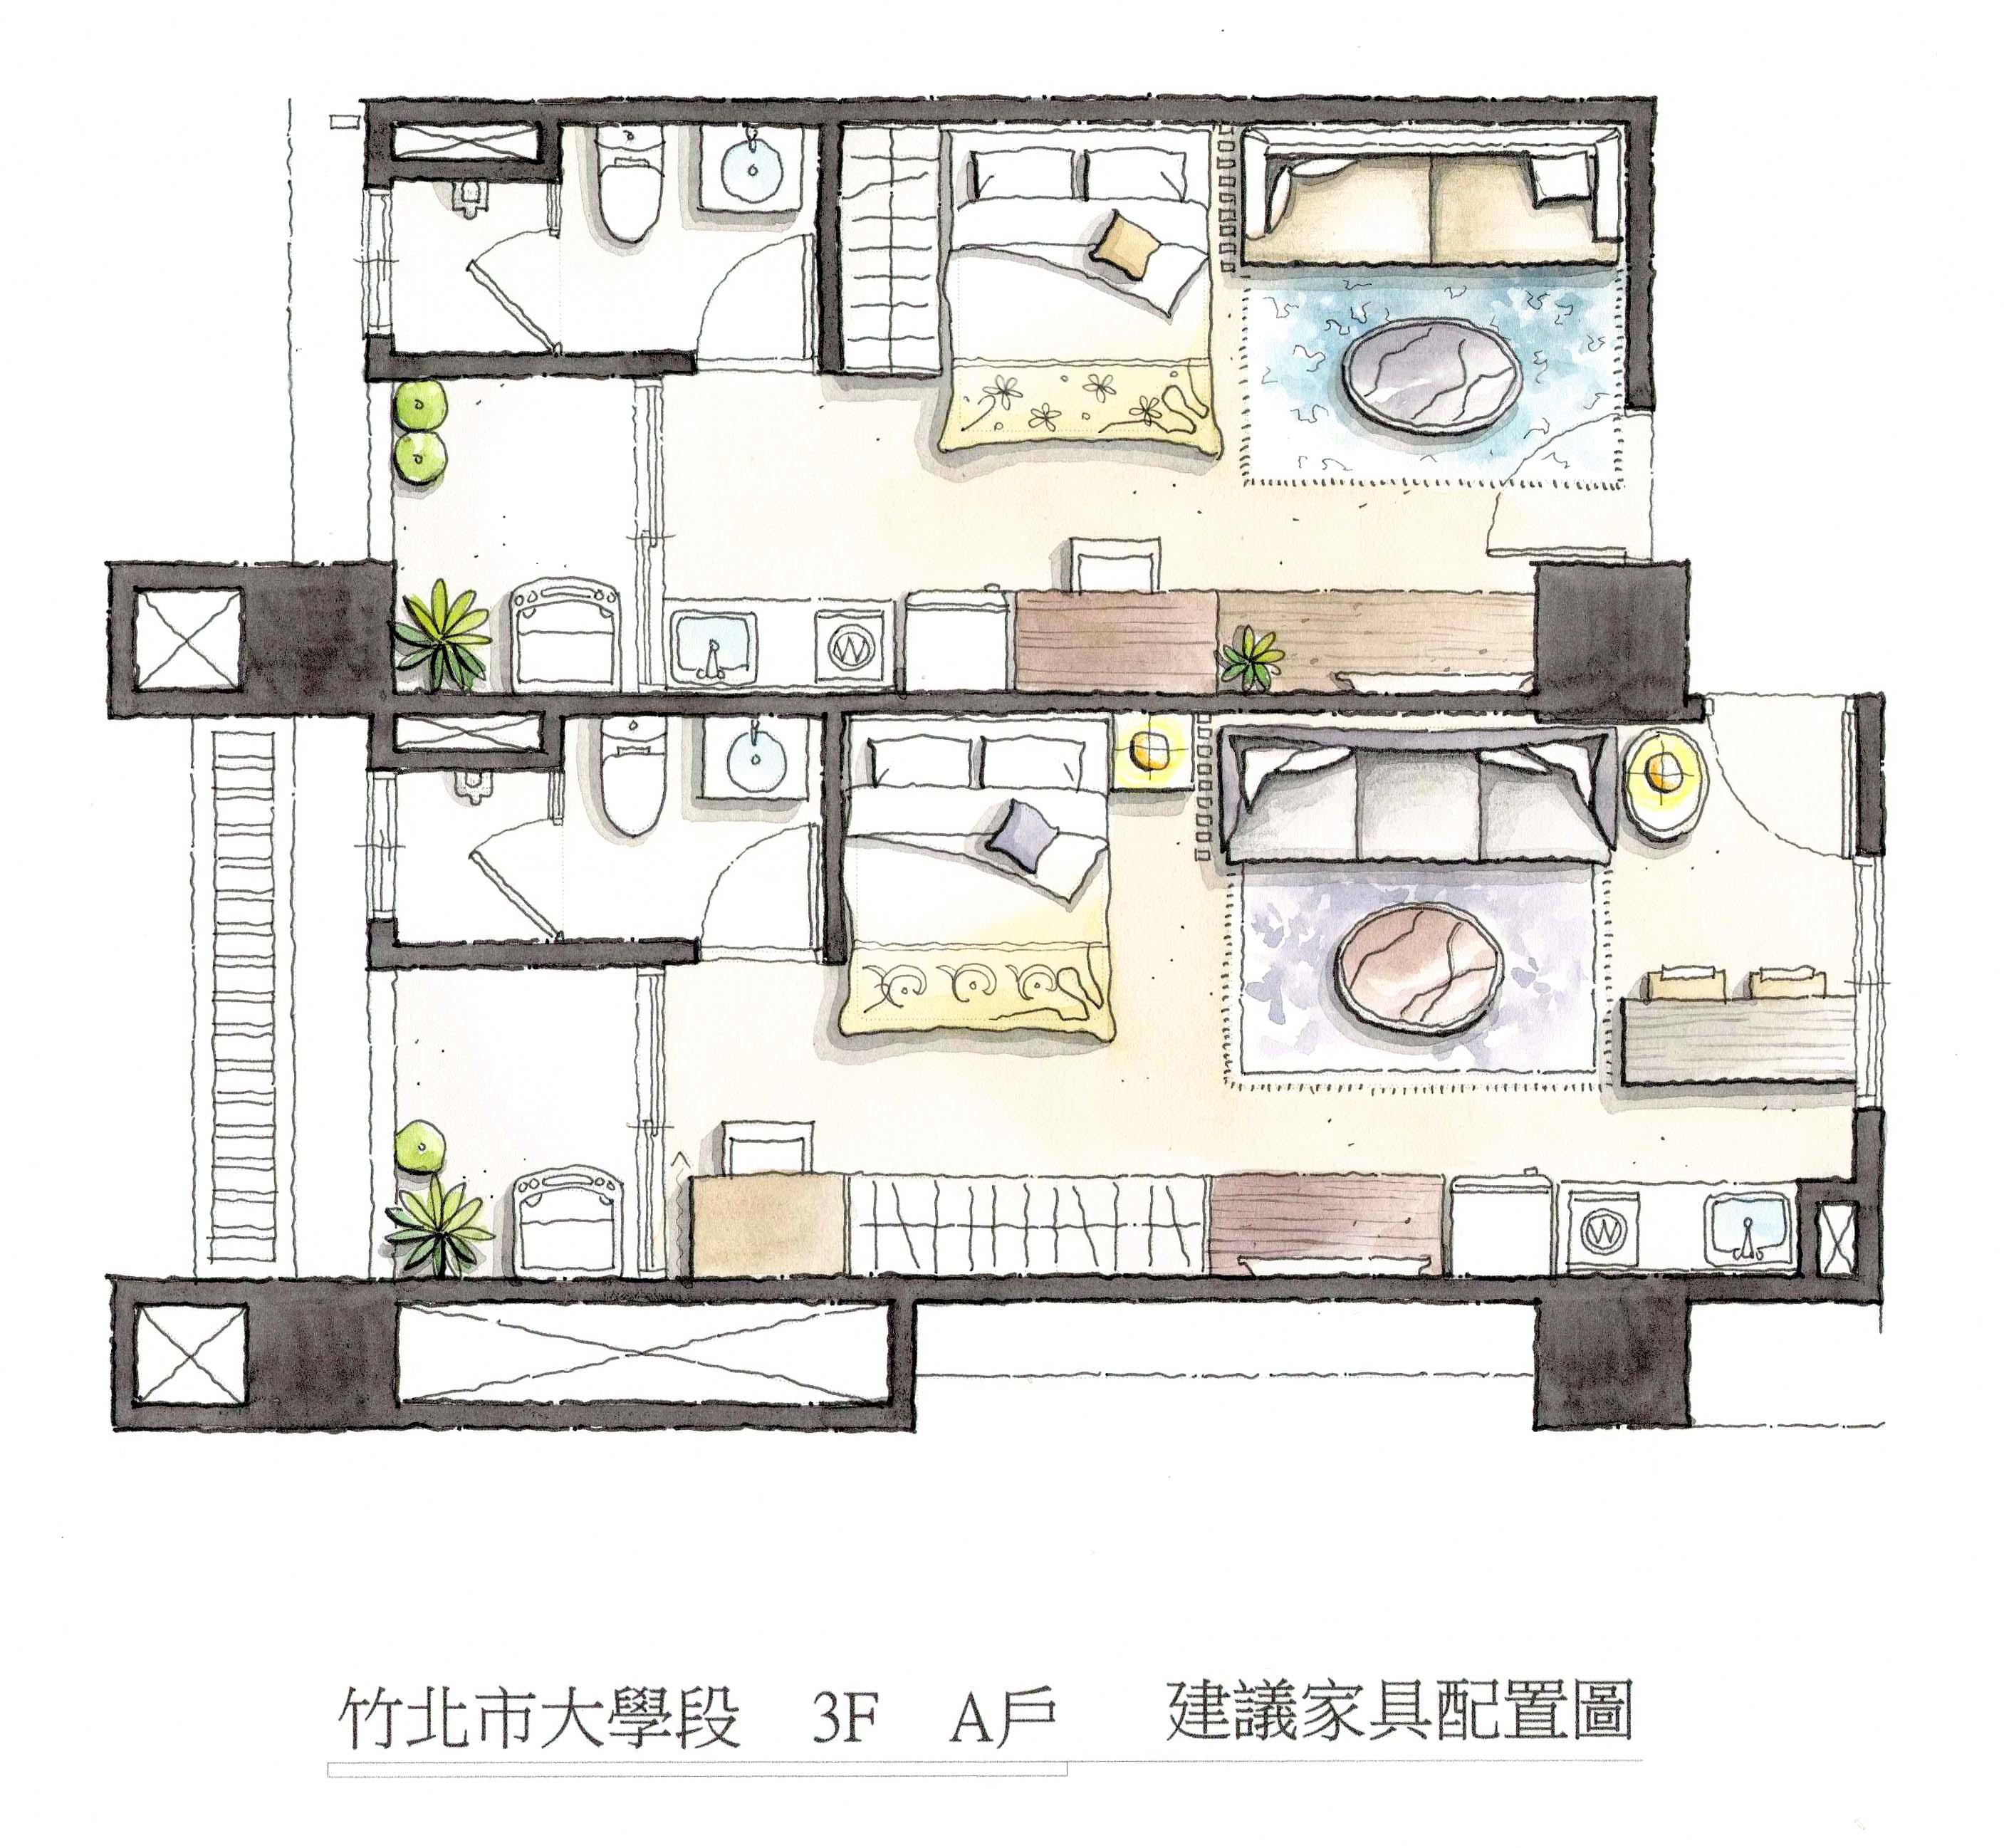 [竹北十興]設計規劃-大地至尊,投資興建-大筑建設-世紀行館(大樓)20171220-01.jpg